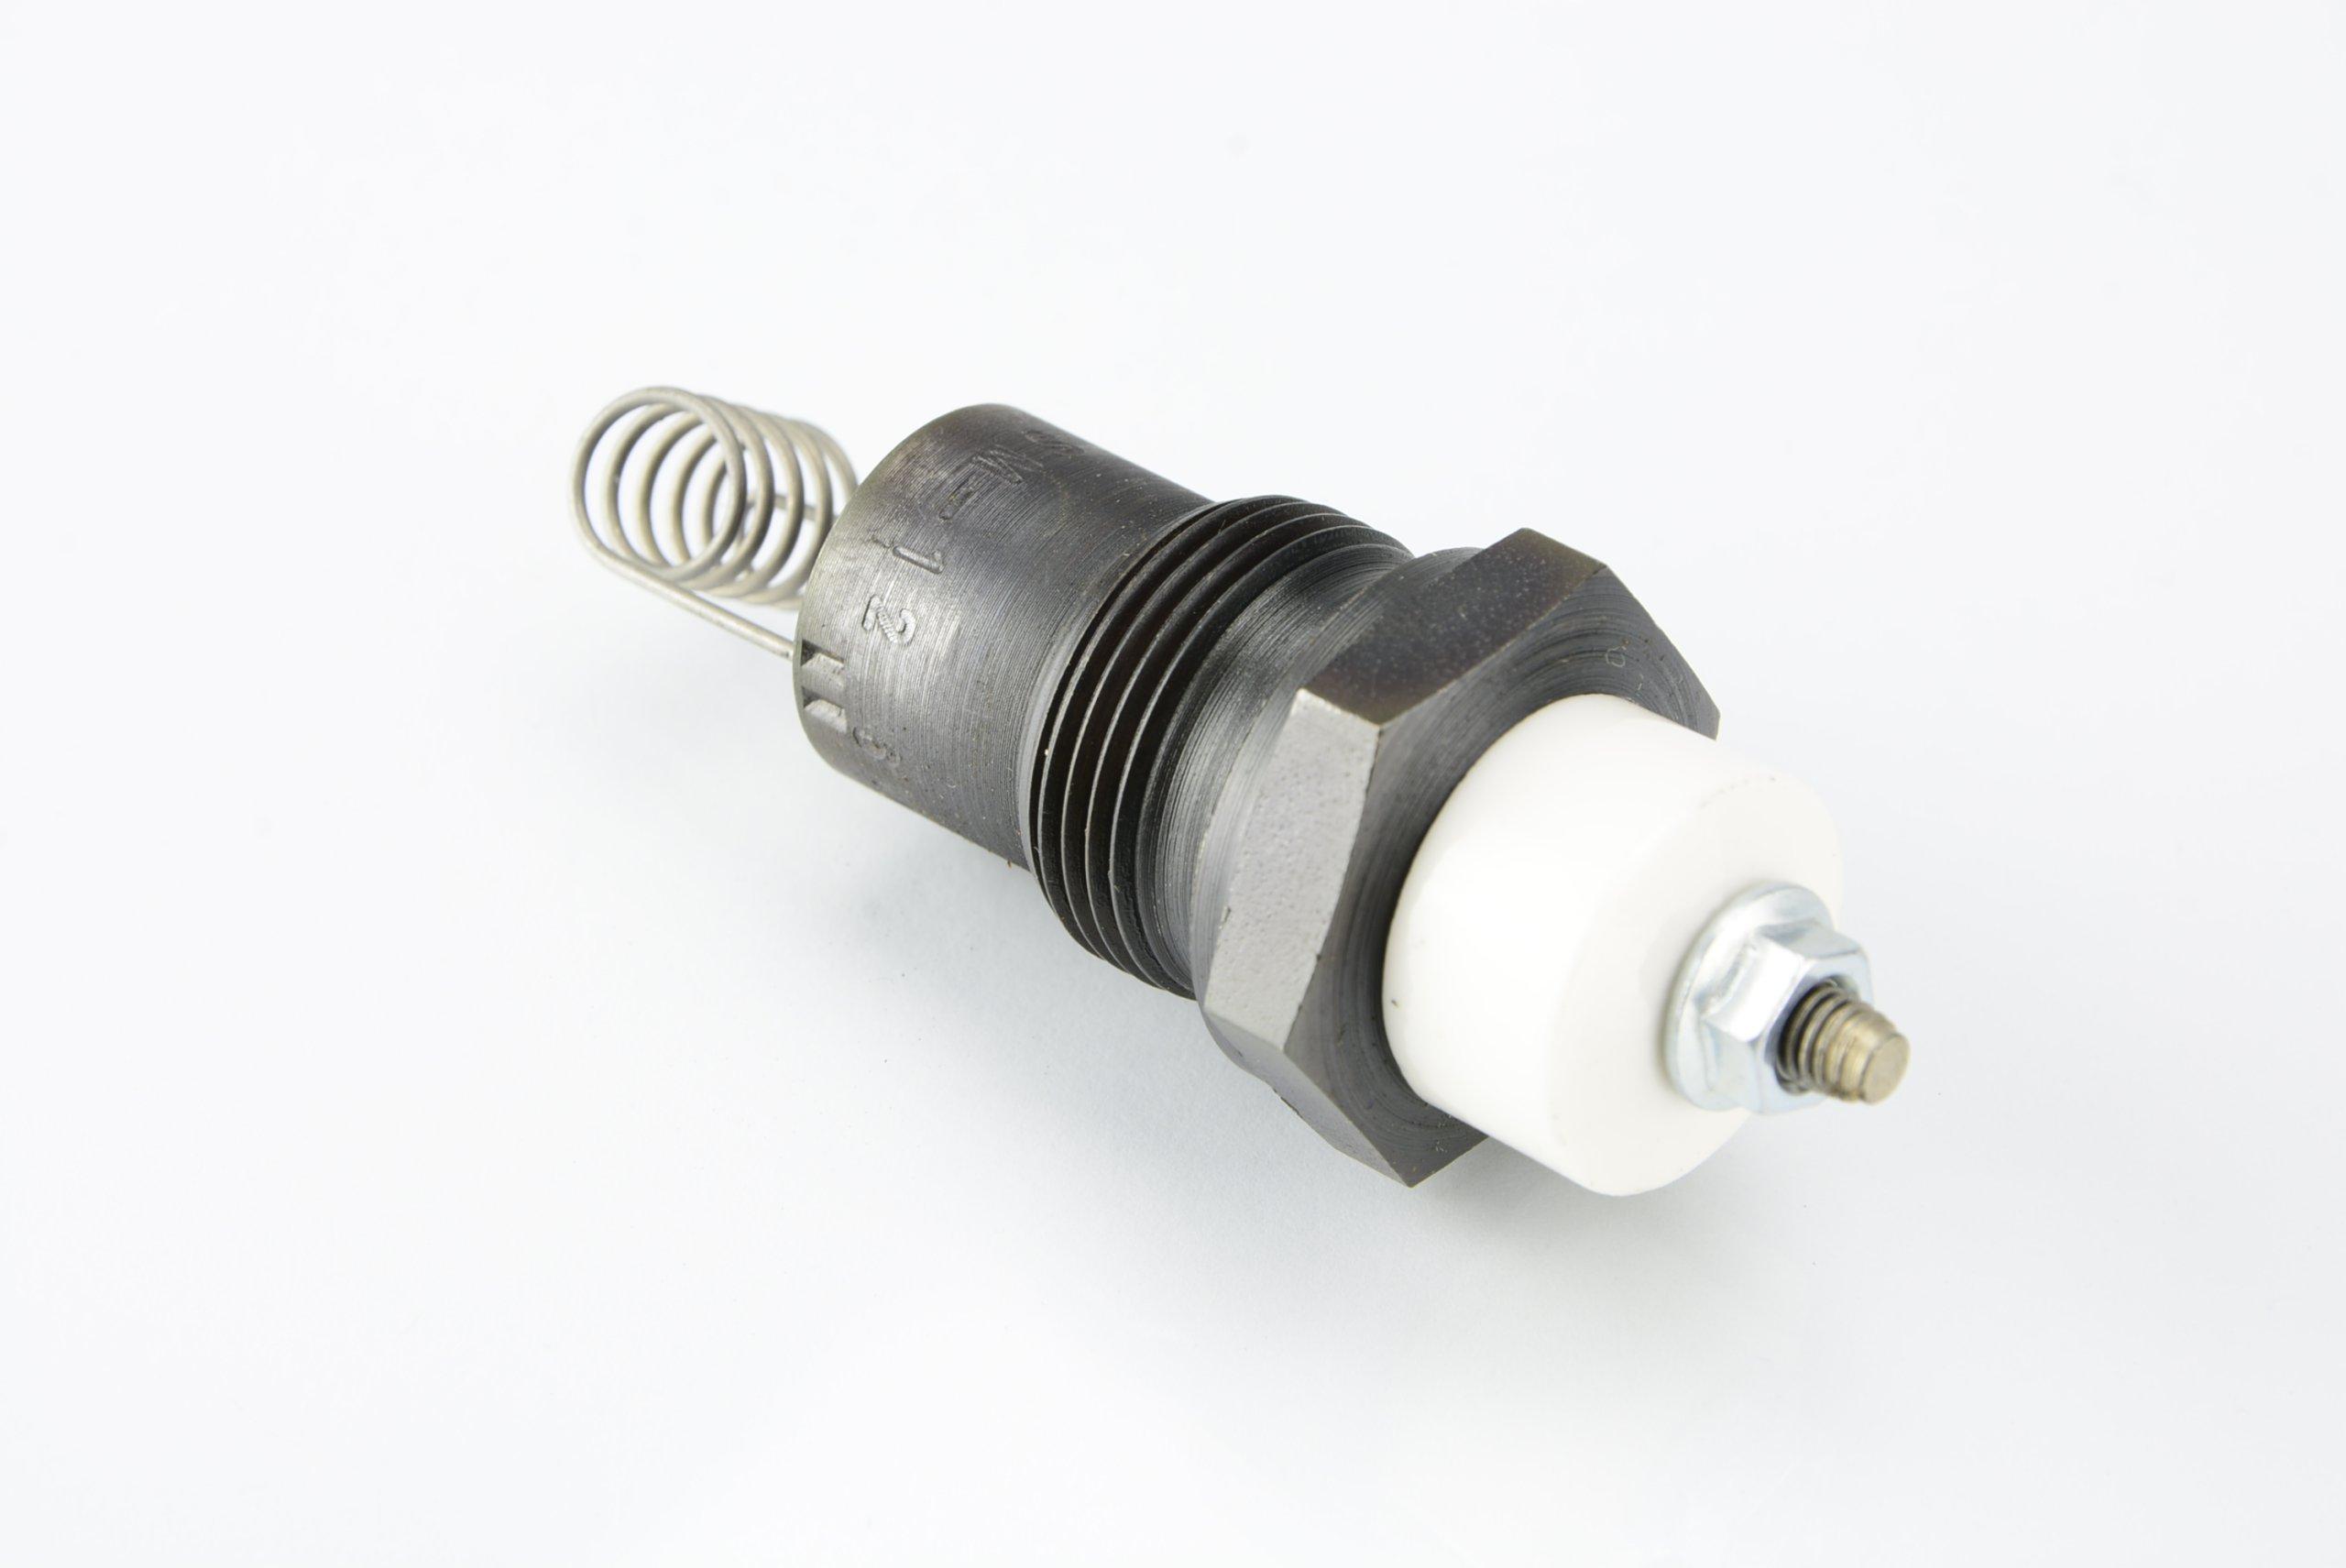 Свеча накаливания sm-12 6v 17a 420087a искра